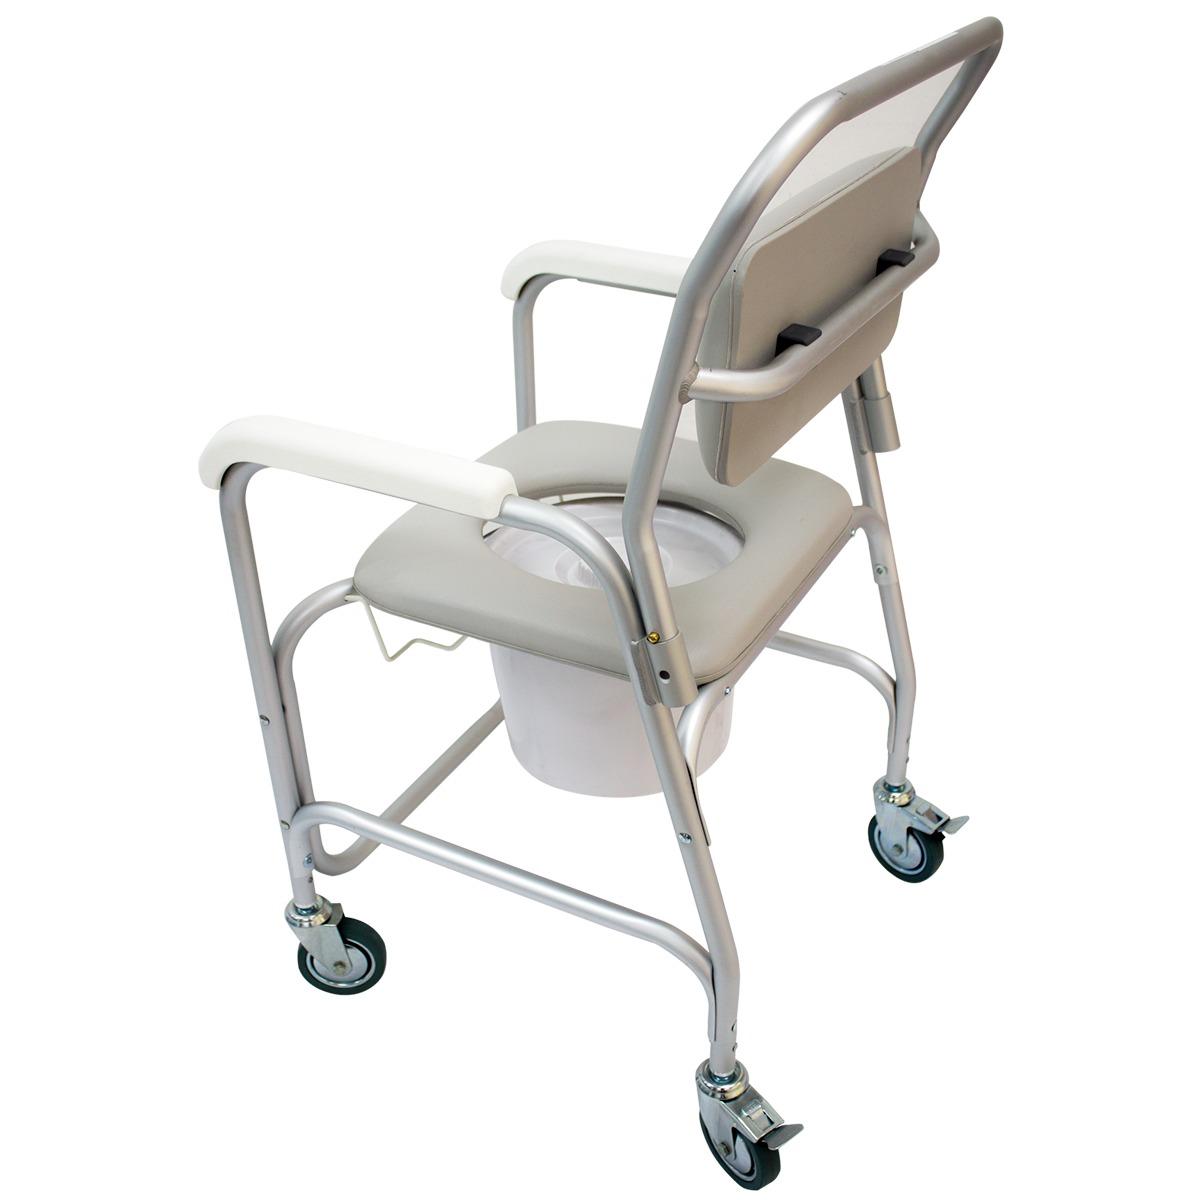 Silla de ruedas para ba o y ducha en mercado libre - Sillas de ruedas para bano ...